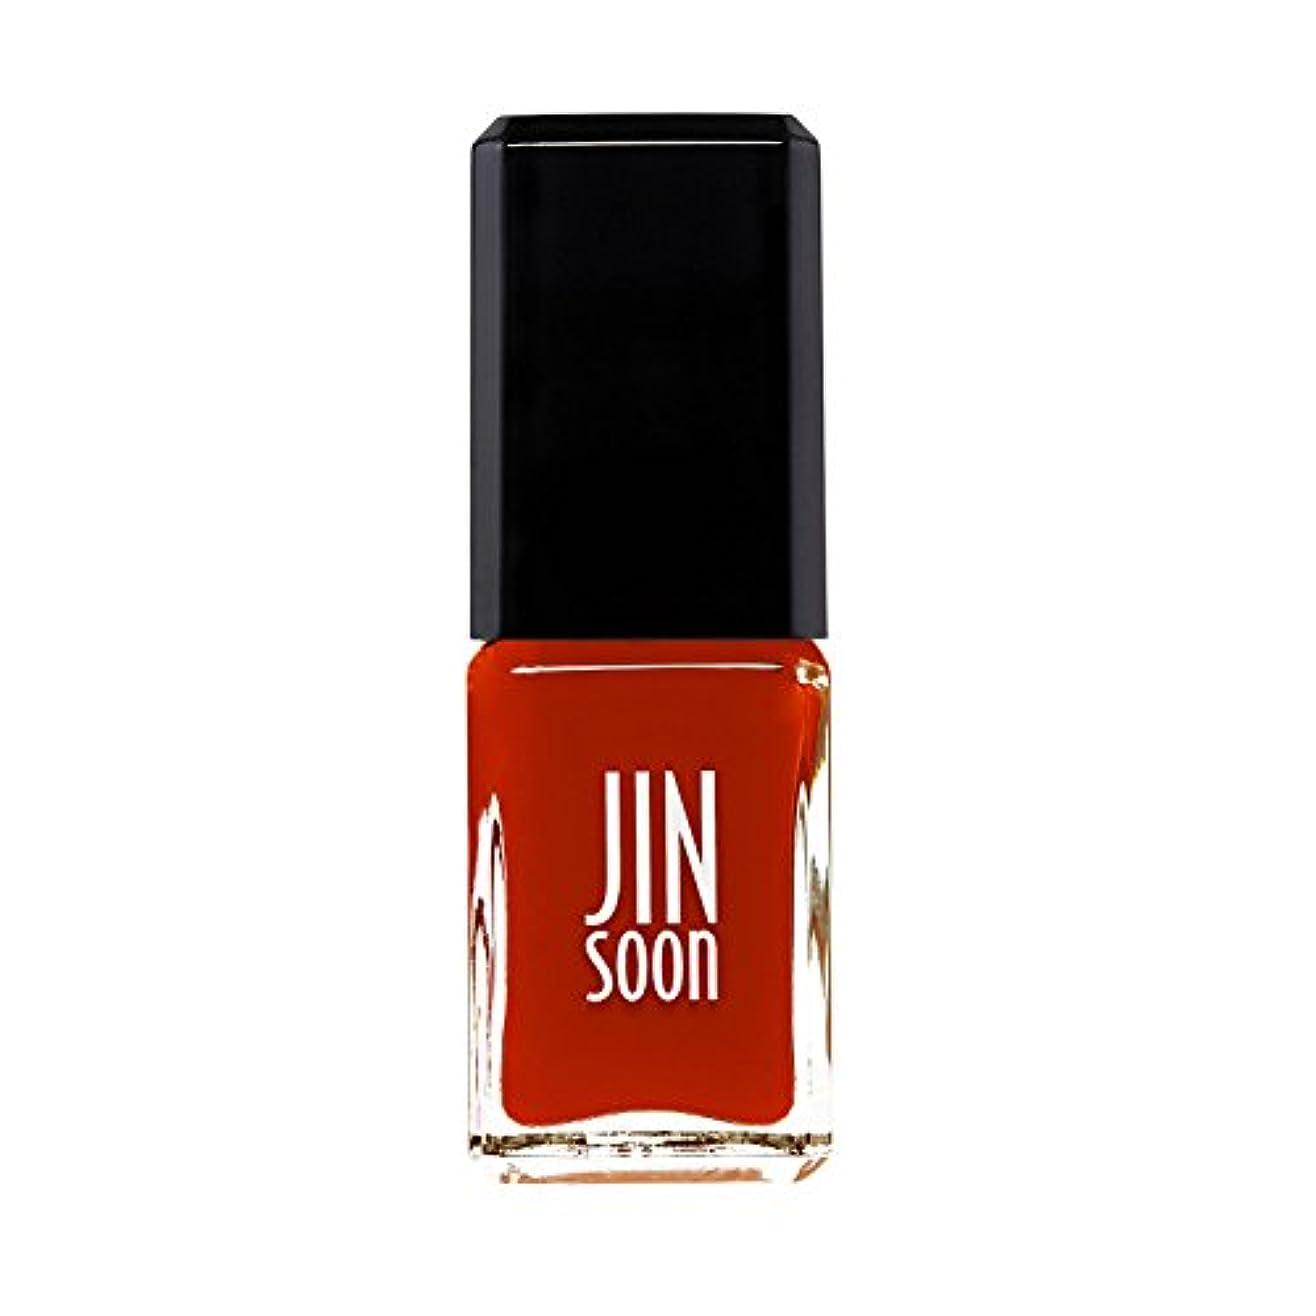 皮ハーフカフェ[ジンスーン] [ jinsoon] クラッシュ(シアーオレンジ) CRUSH ジンスーン 5フリー ネイル ポリッシュ ネイルカラー系統:オレンジ 11mL